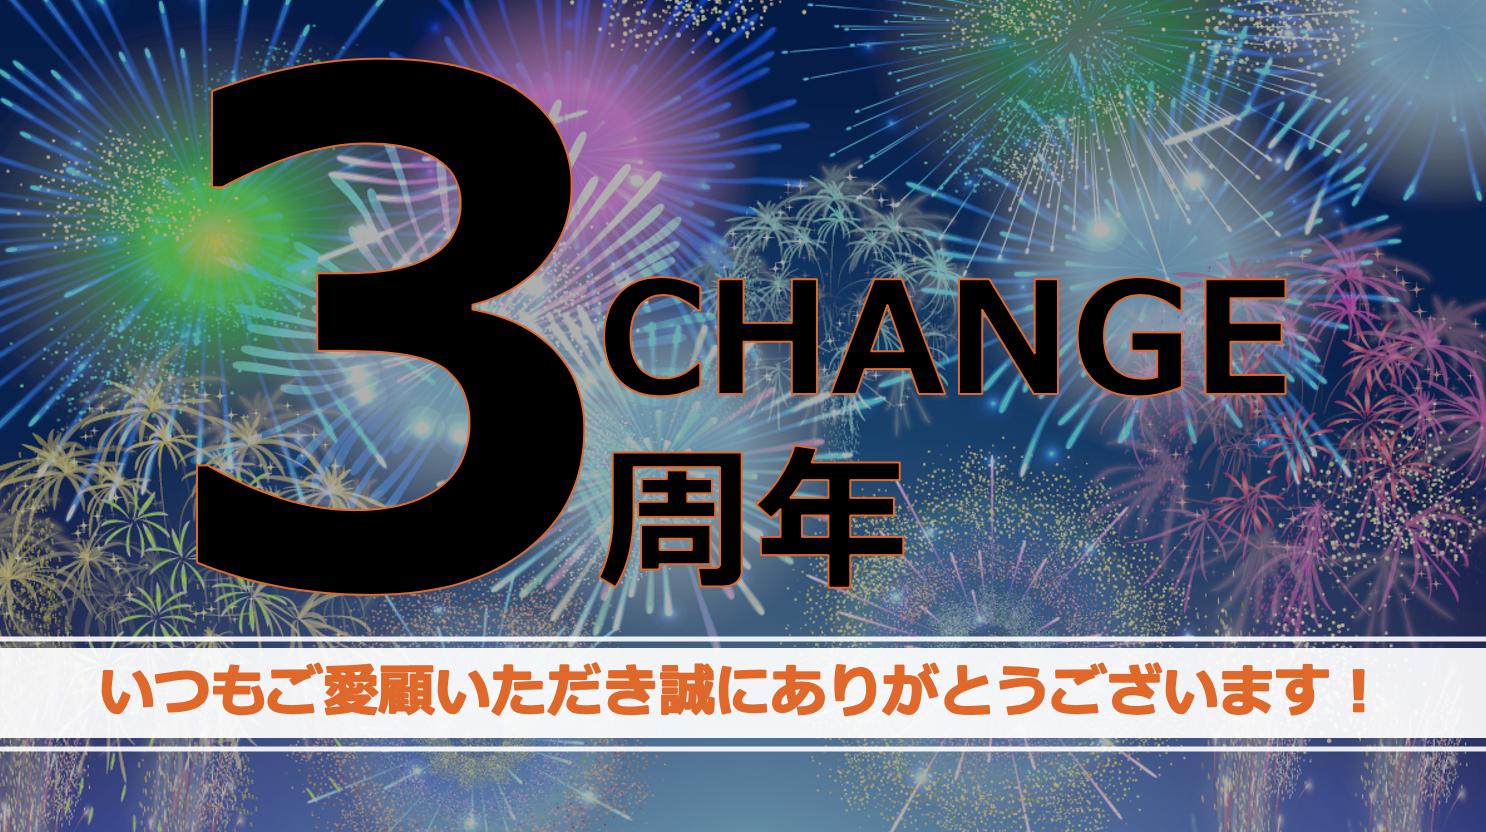 2020/7/21 CHANGE(チェンジ)サービス開始から3周年